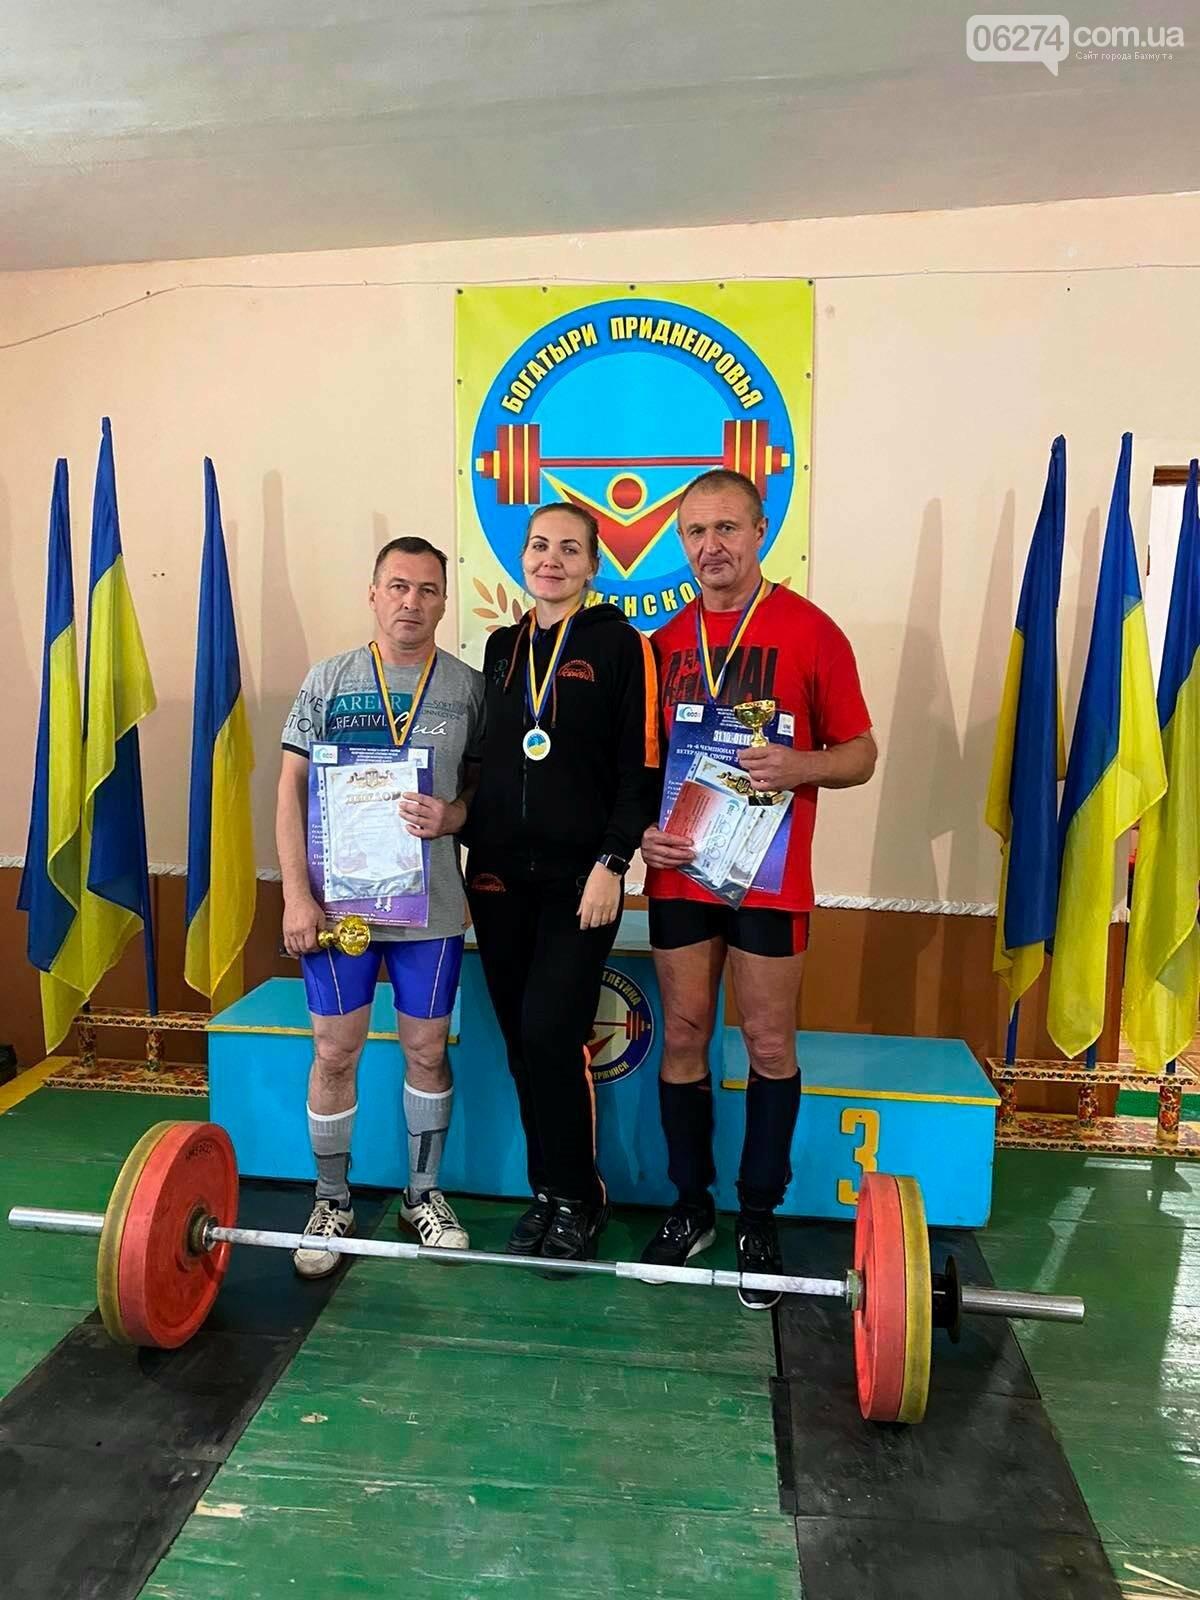 Тяжелоатлеты Бахмута стали призерами чемпионата Украины среди ветеранов, фото-1